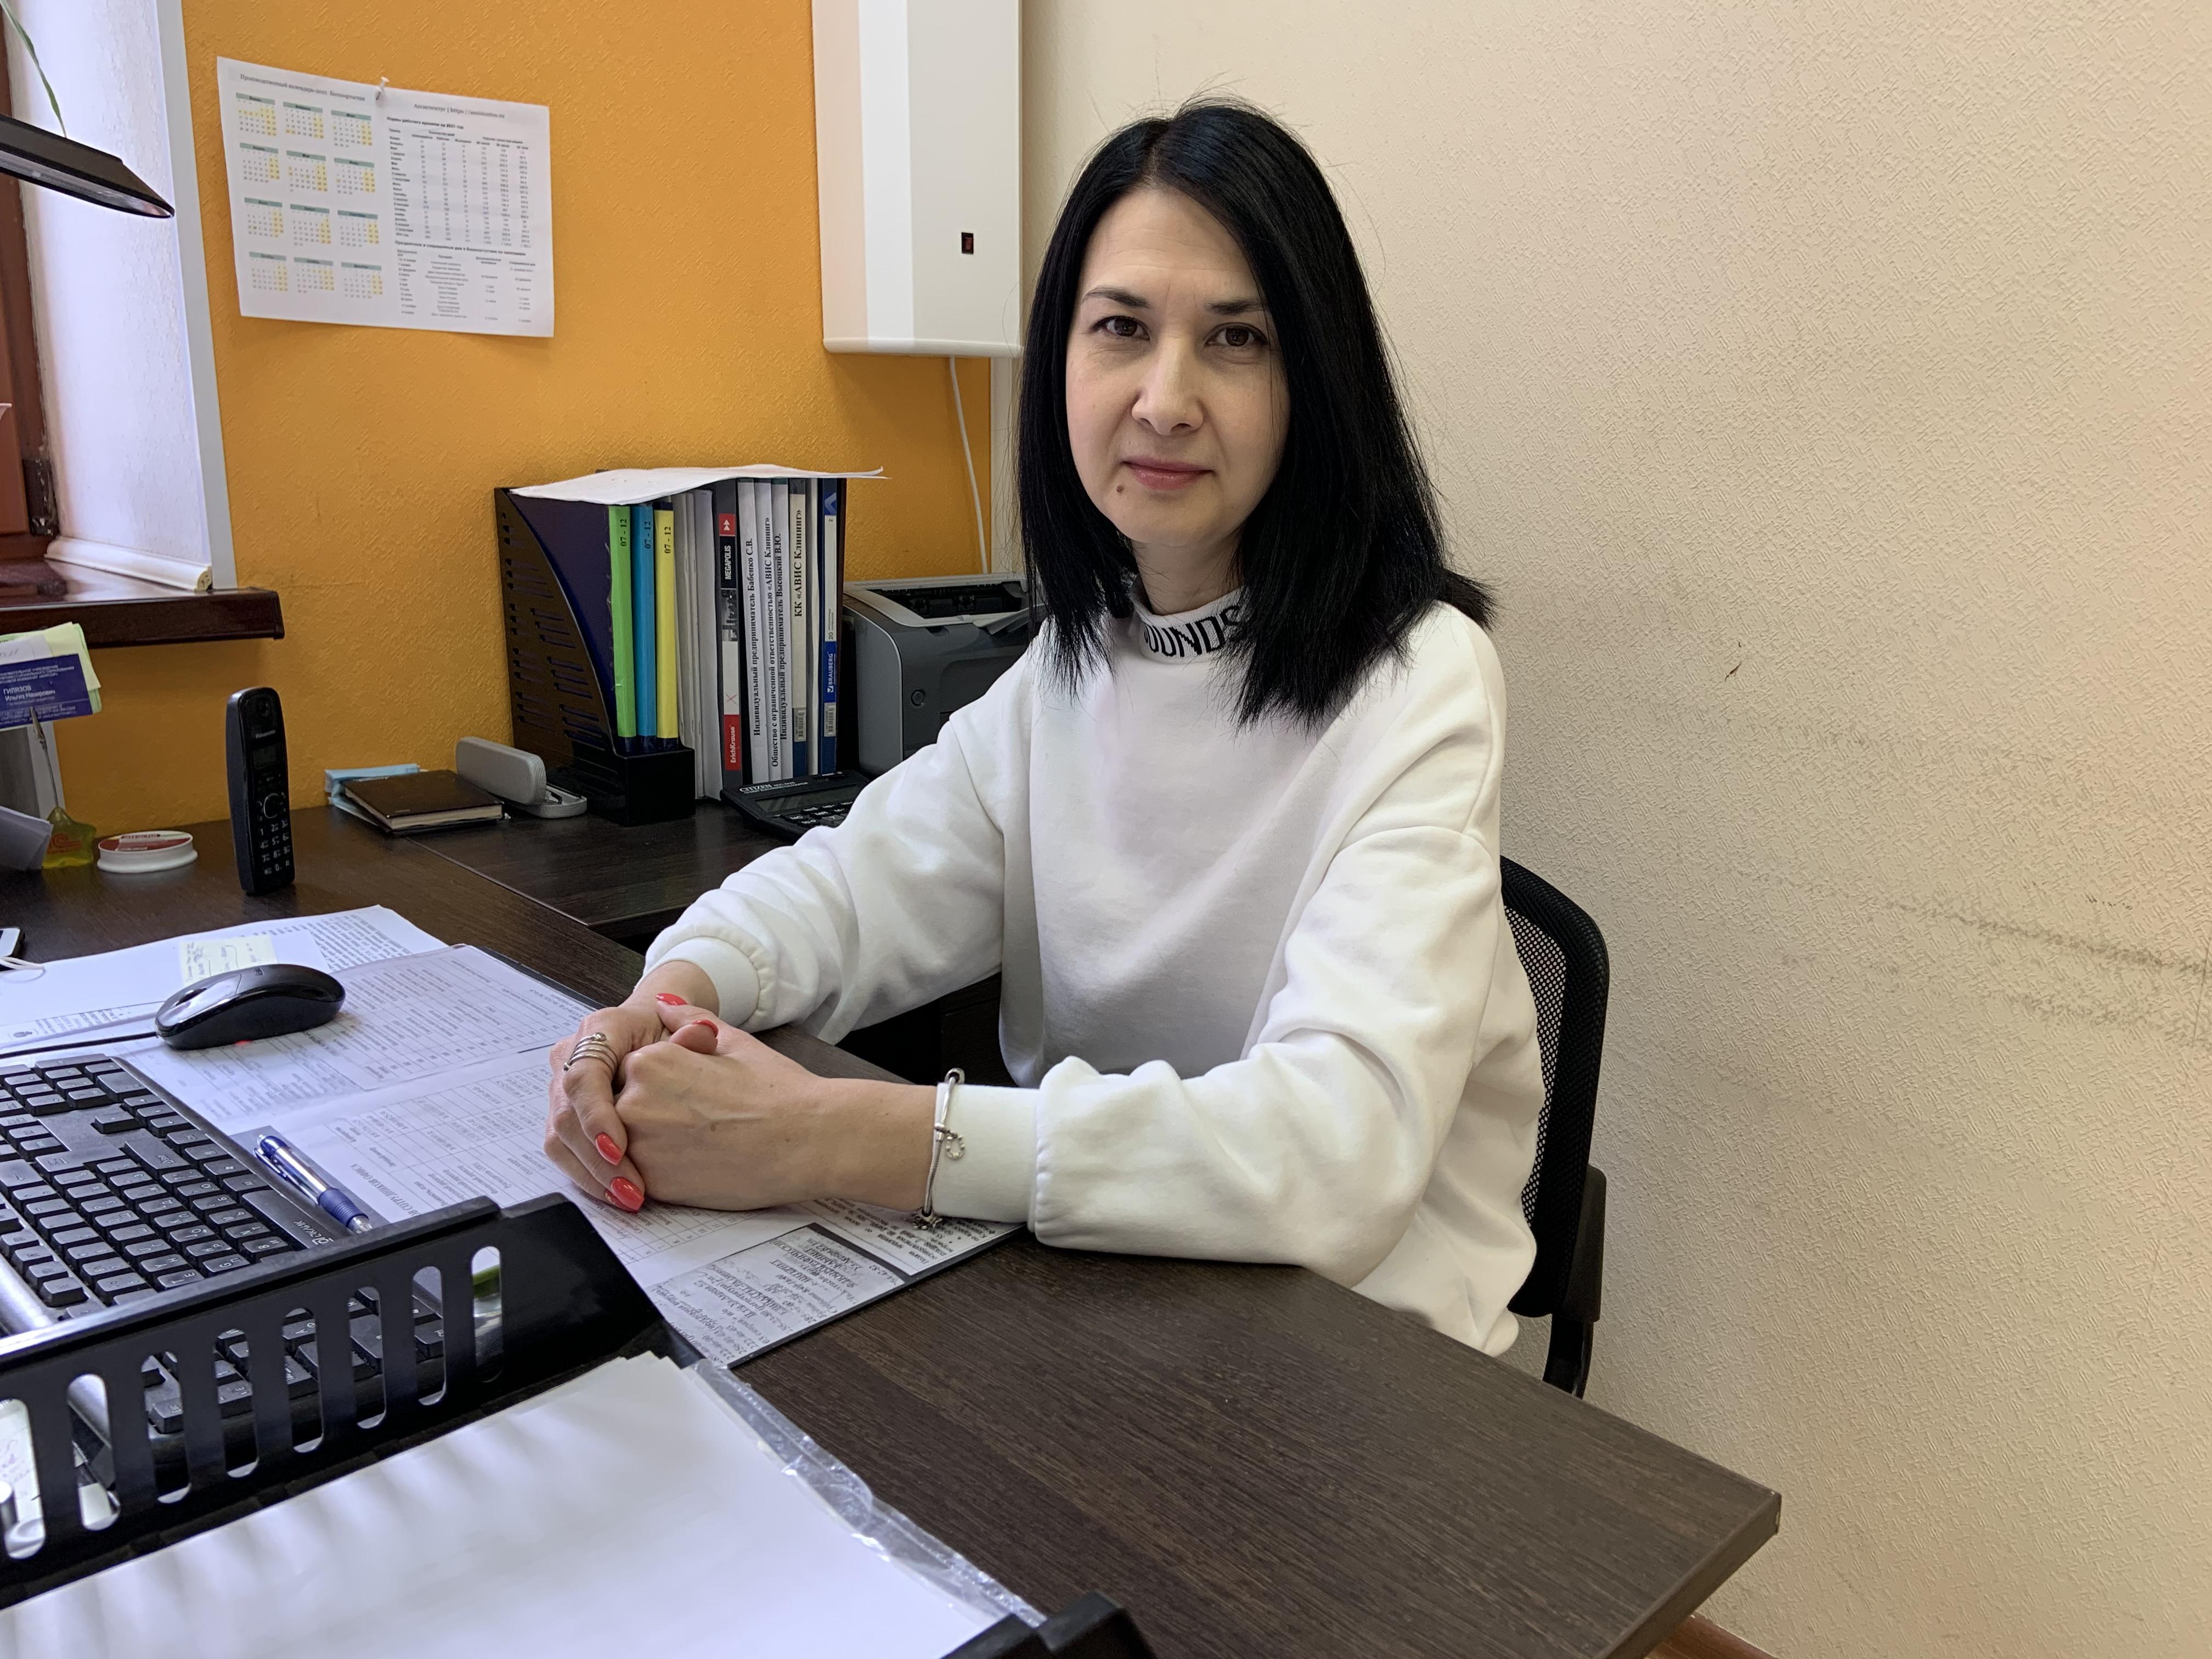 Лутфуллина Лэйсян Хамидулловна